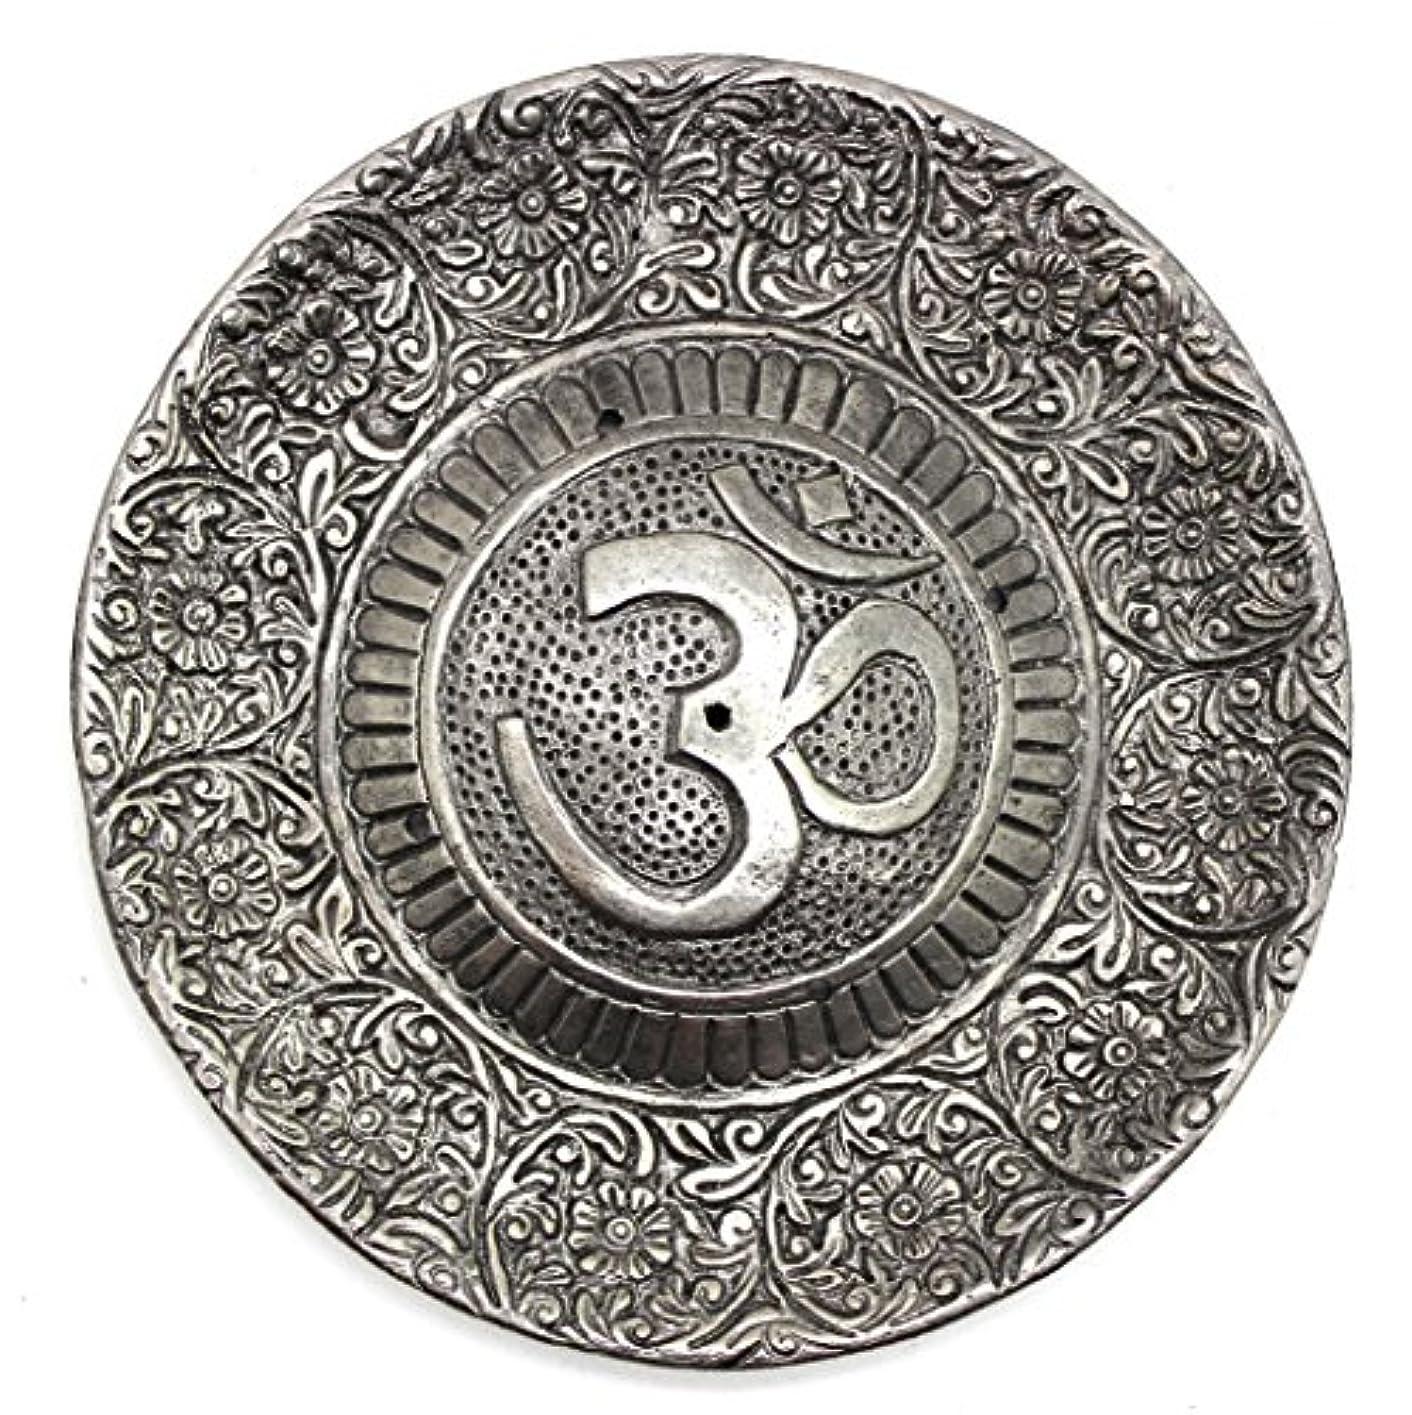 気分農学稚魚Govinda - Tibetan Incense Burner - Larger OM Symbol - 11cm Diameter